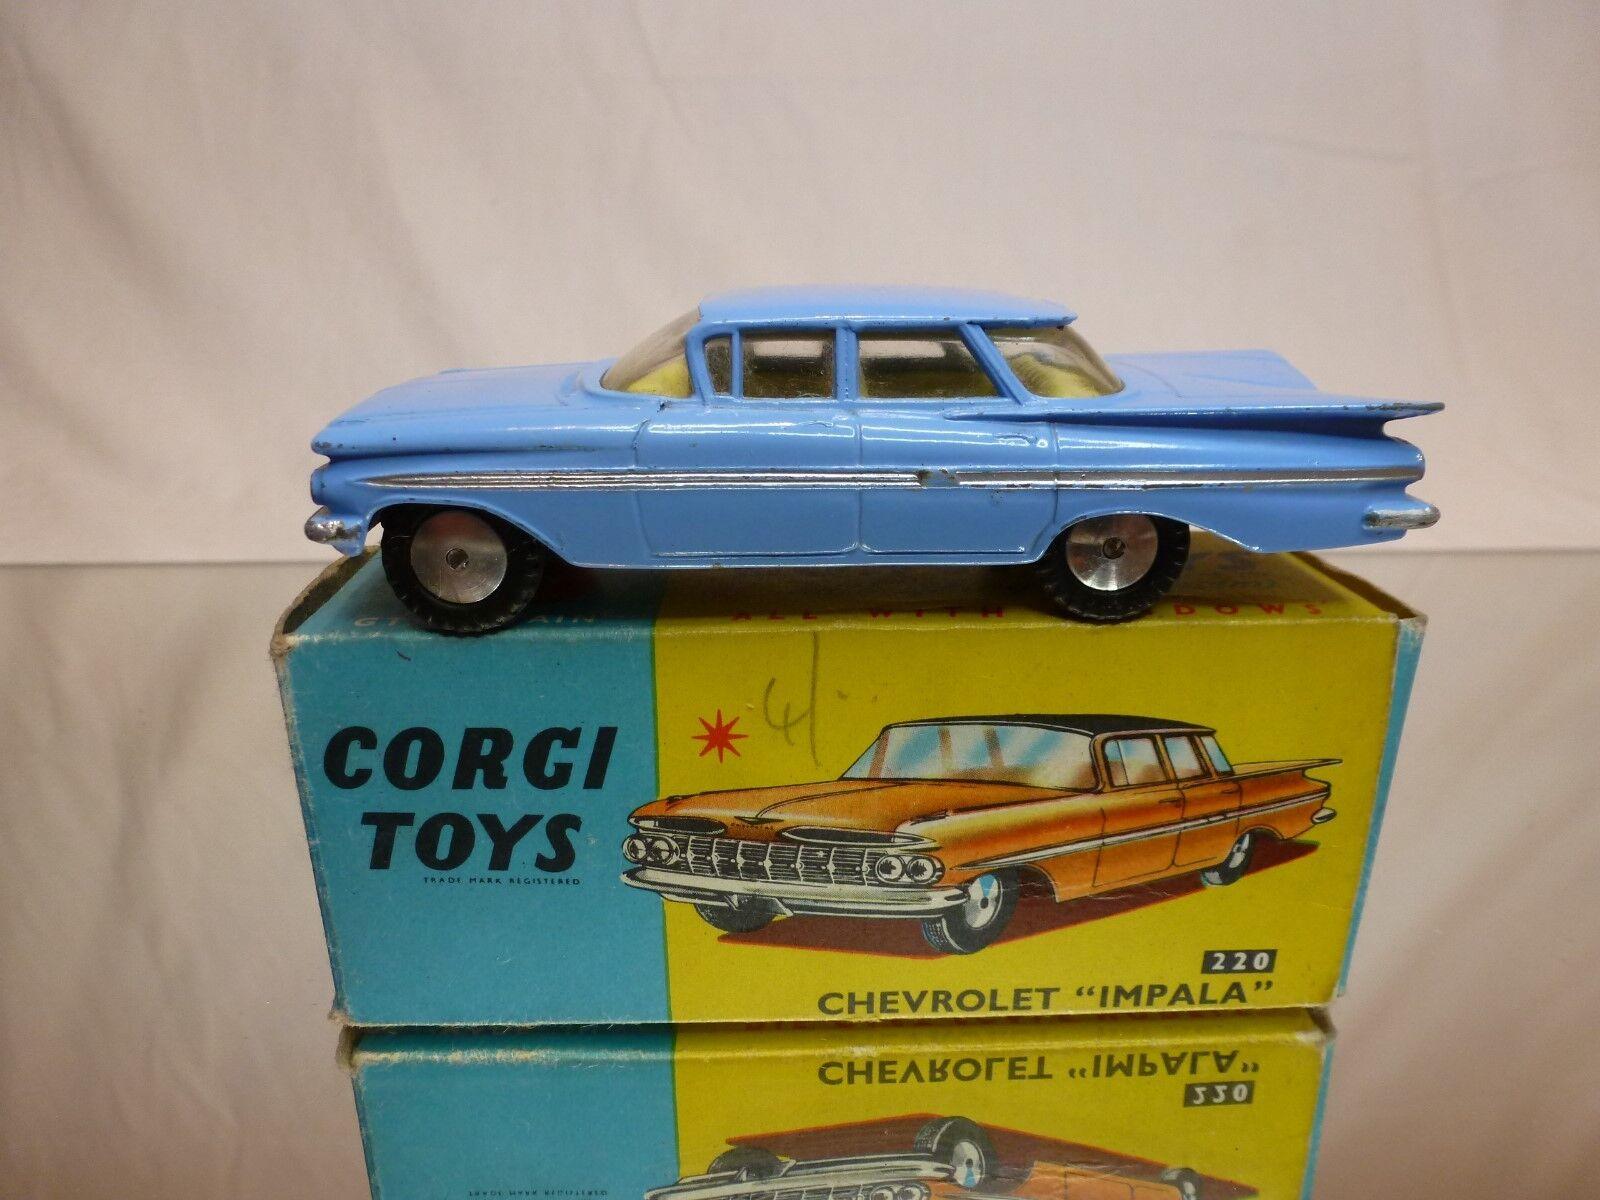 Corgi spielzeug 220 chevrolet impala... - - in der nähe von mint contition im kasten